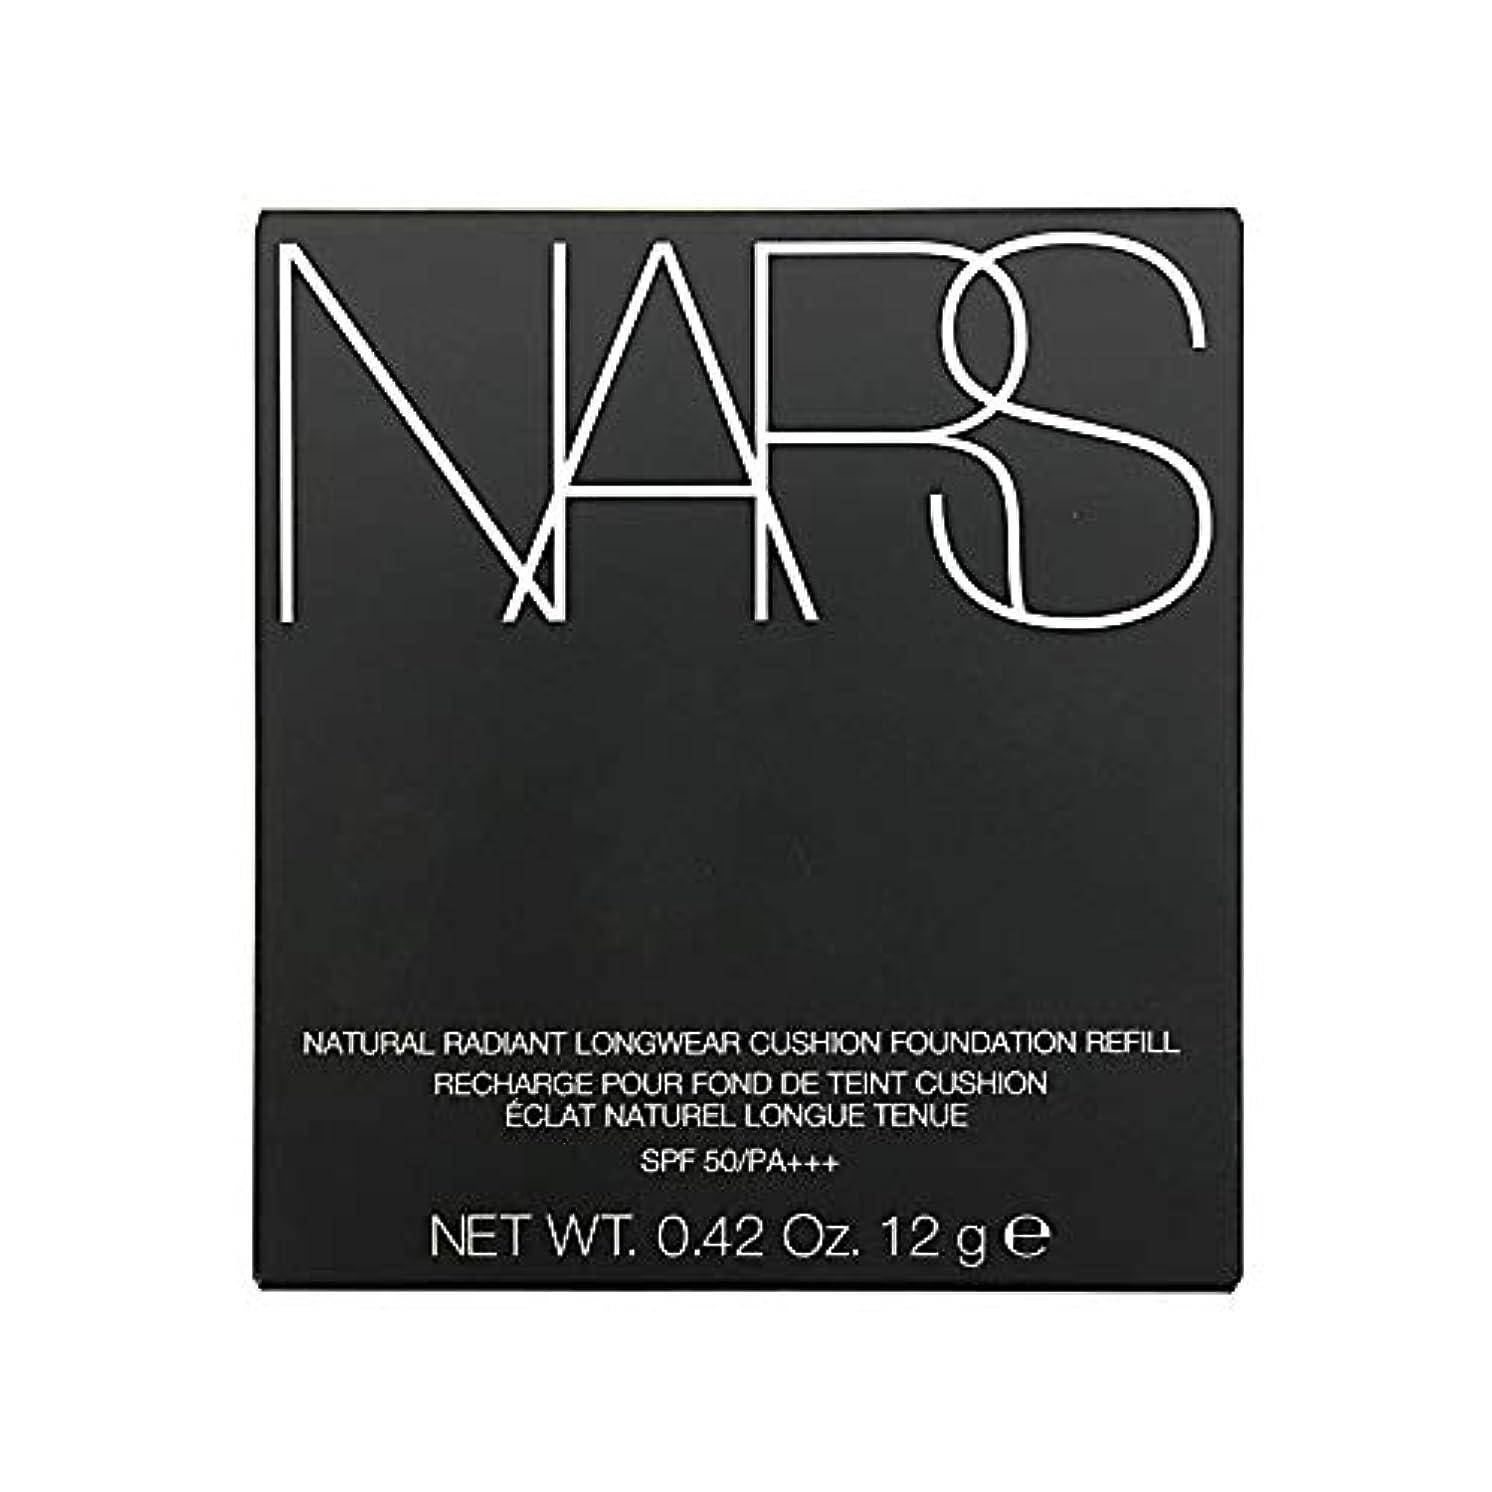 基本的な酸化物変わるナーズ/NARS ナチュラルラディアント ロングウェア クッションファンデーション(レフィル)#5878 [ クッションファンデ ] [並行輸入品]